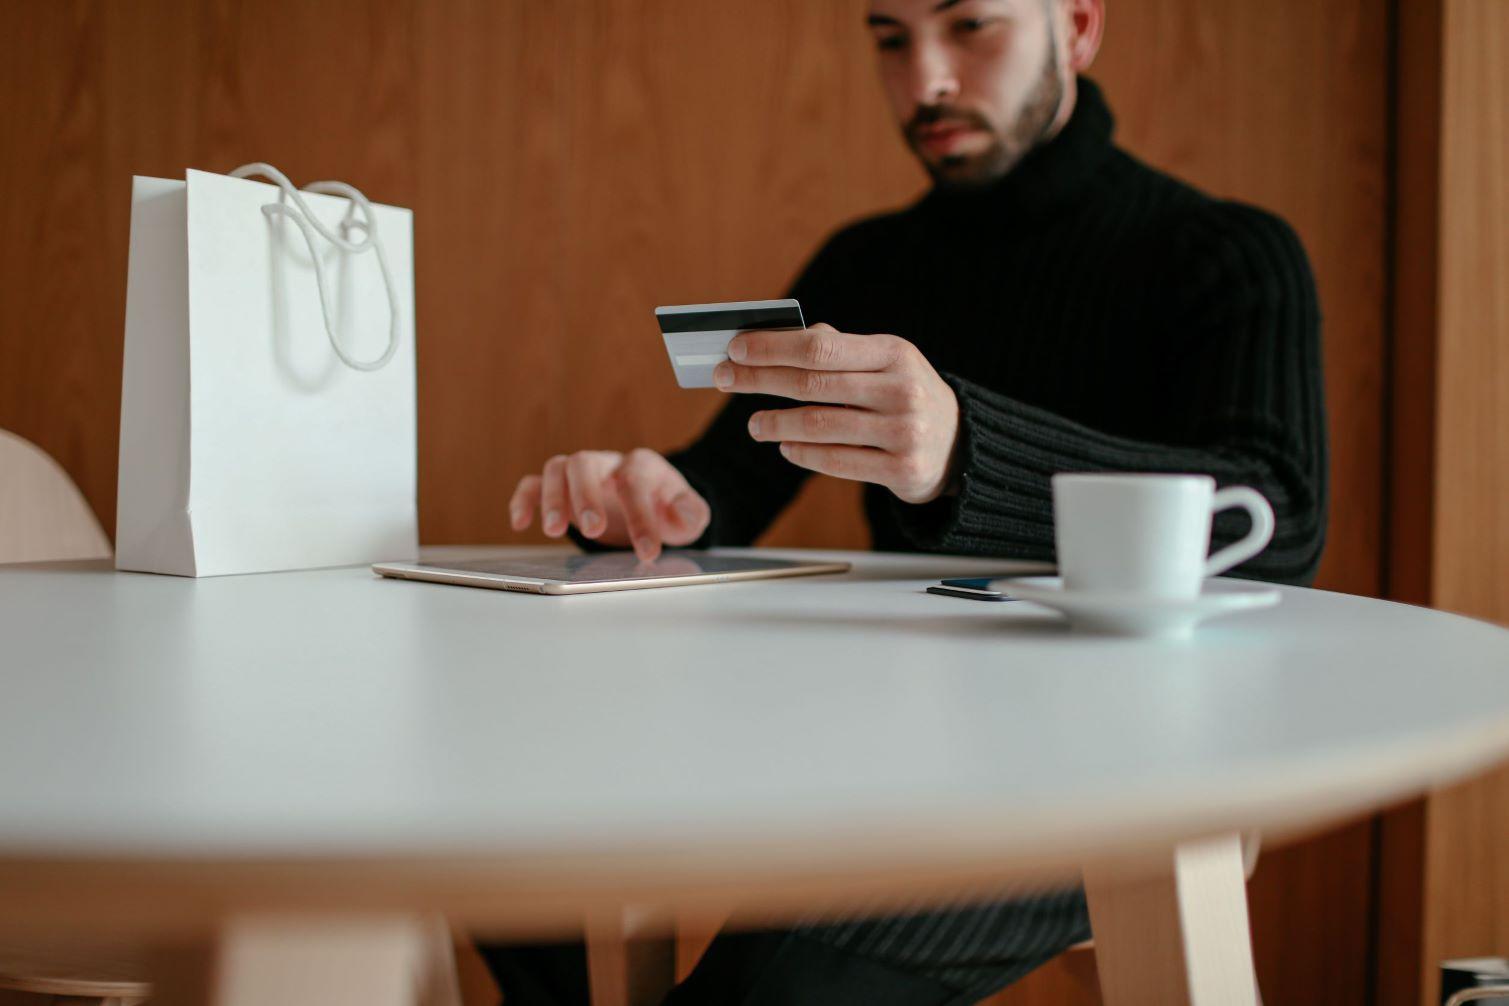 perona comprando en internet